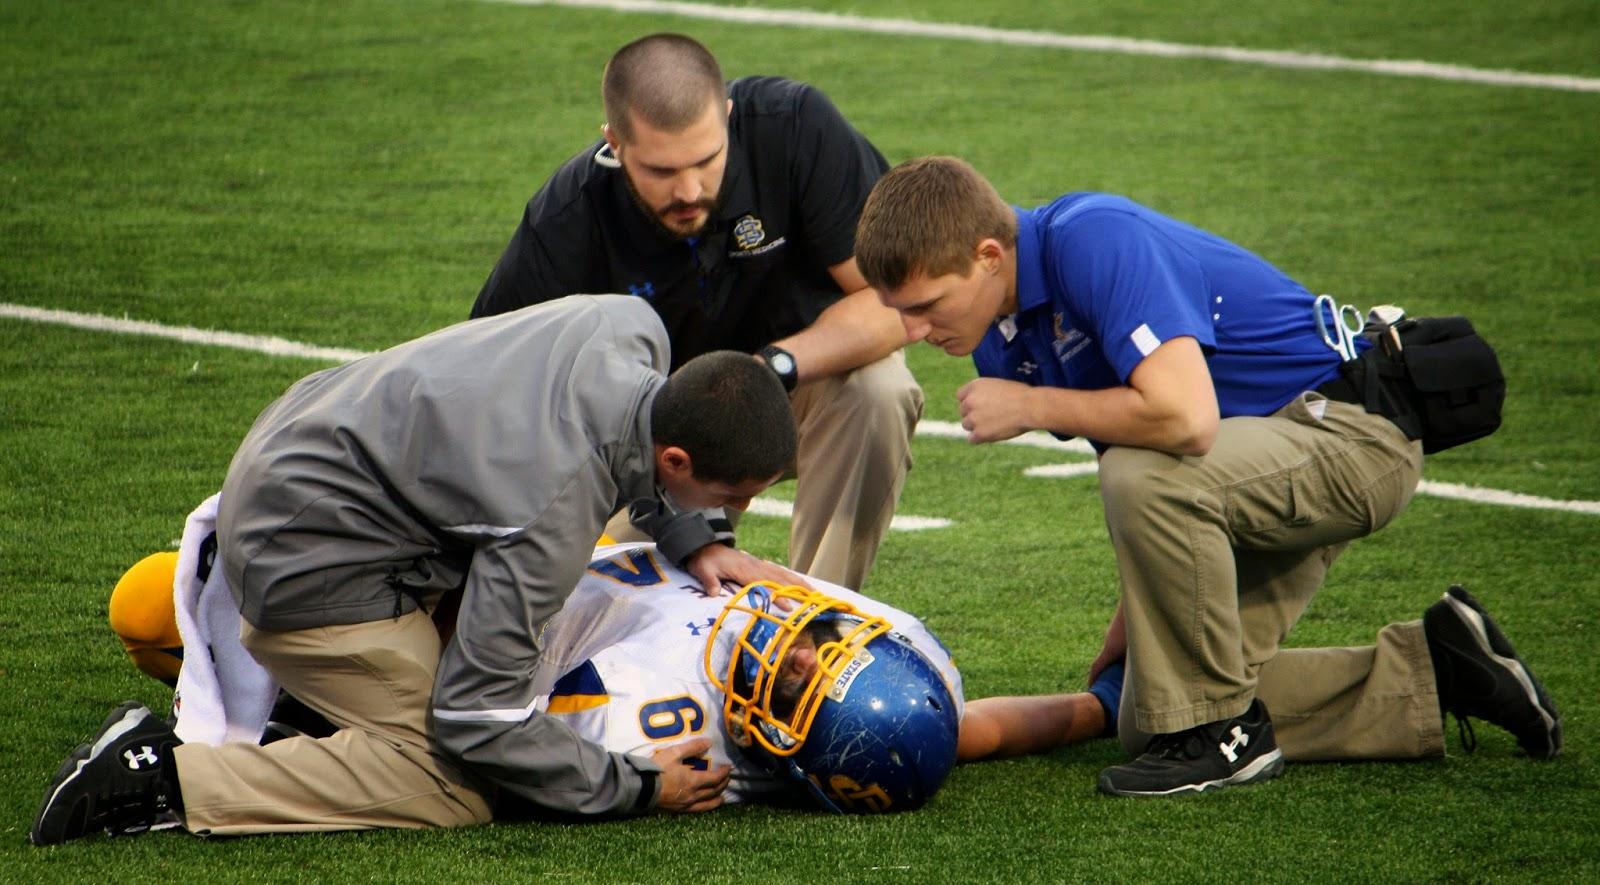 פסיכולוגיה של פציעות ספורט